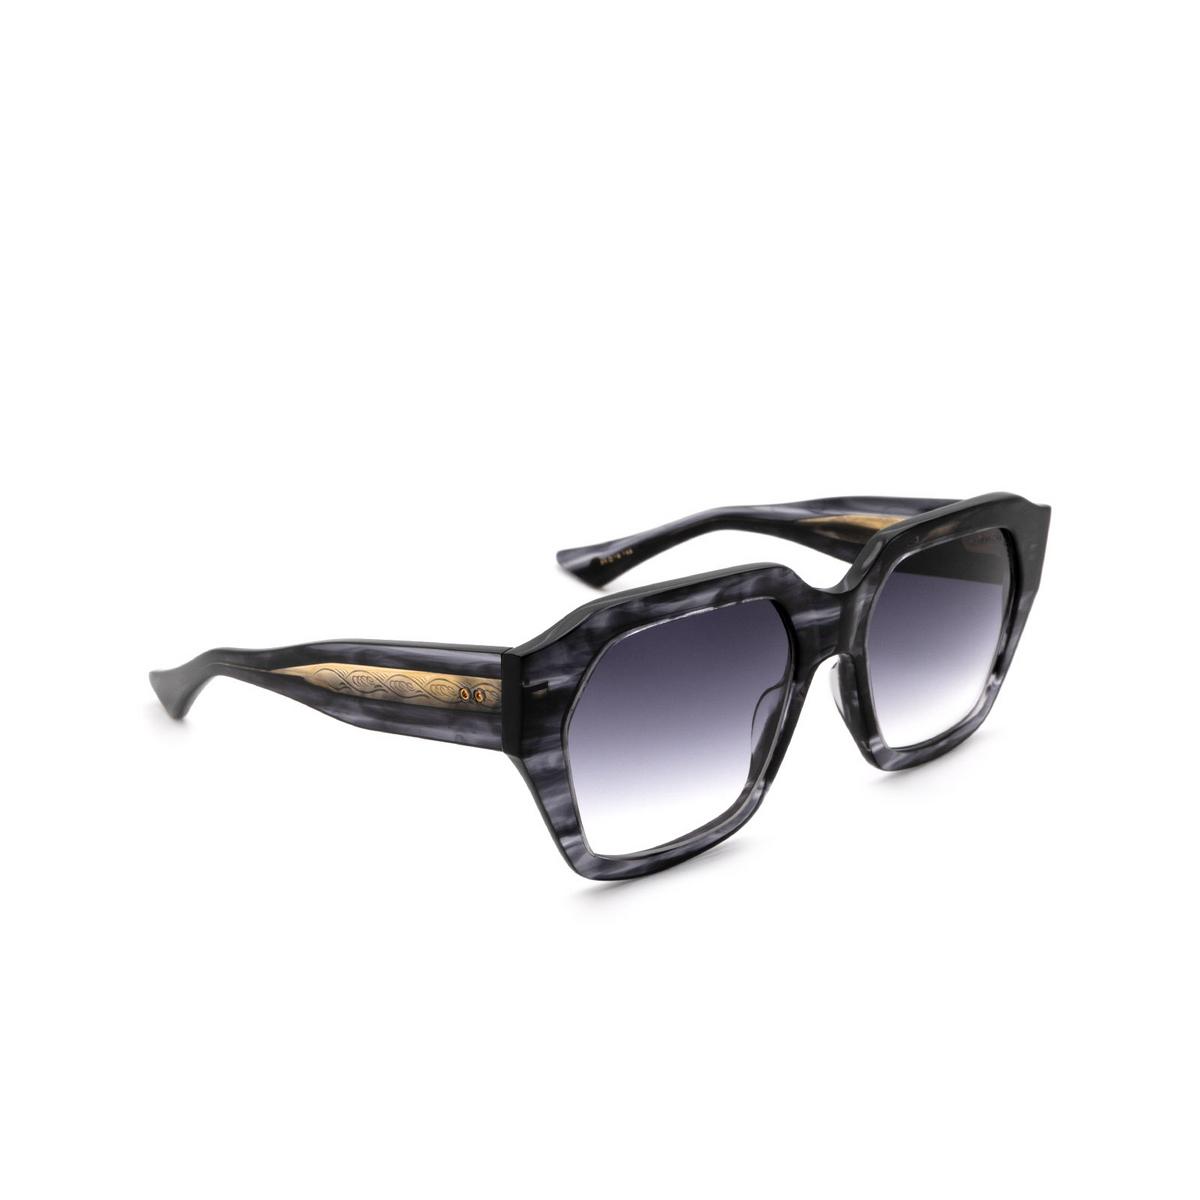 Dita® Square Sunglasses: Tetramaker DTS709-A-01-A color Black Gold Blk-gld.